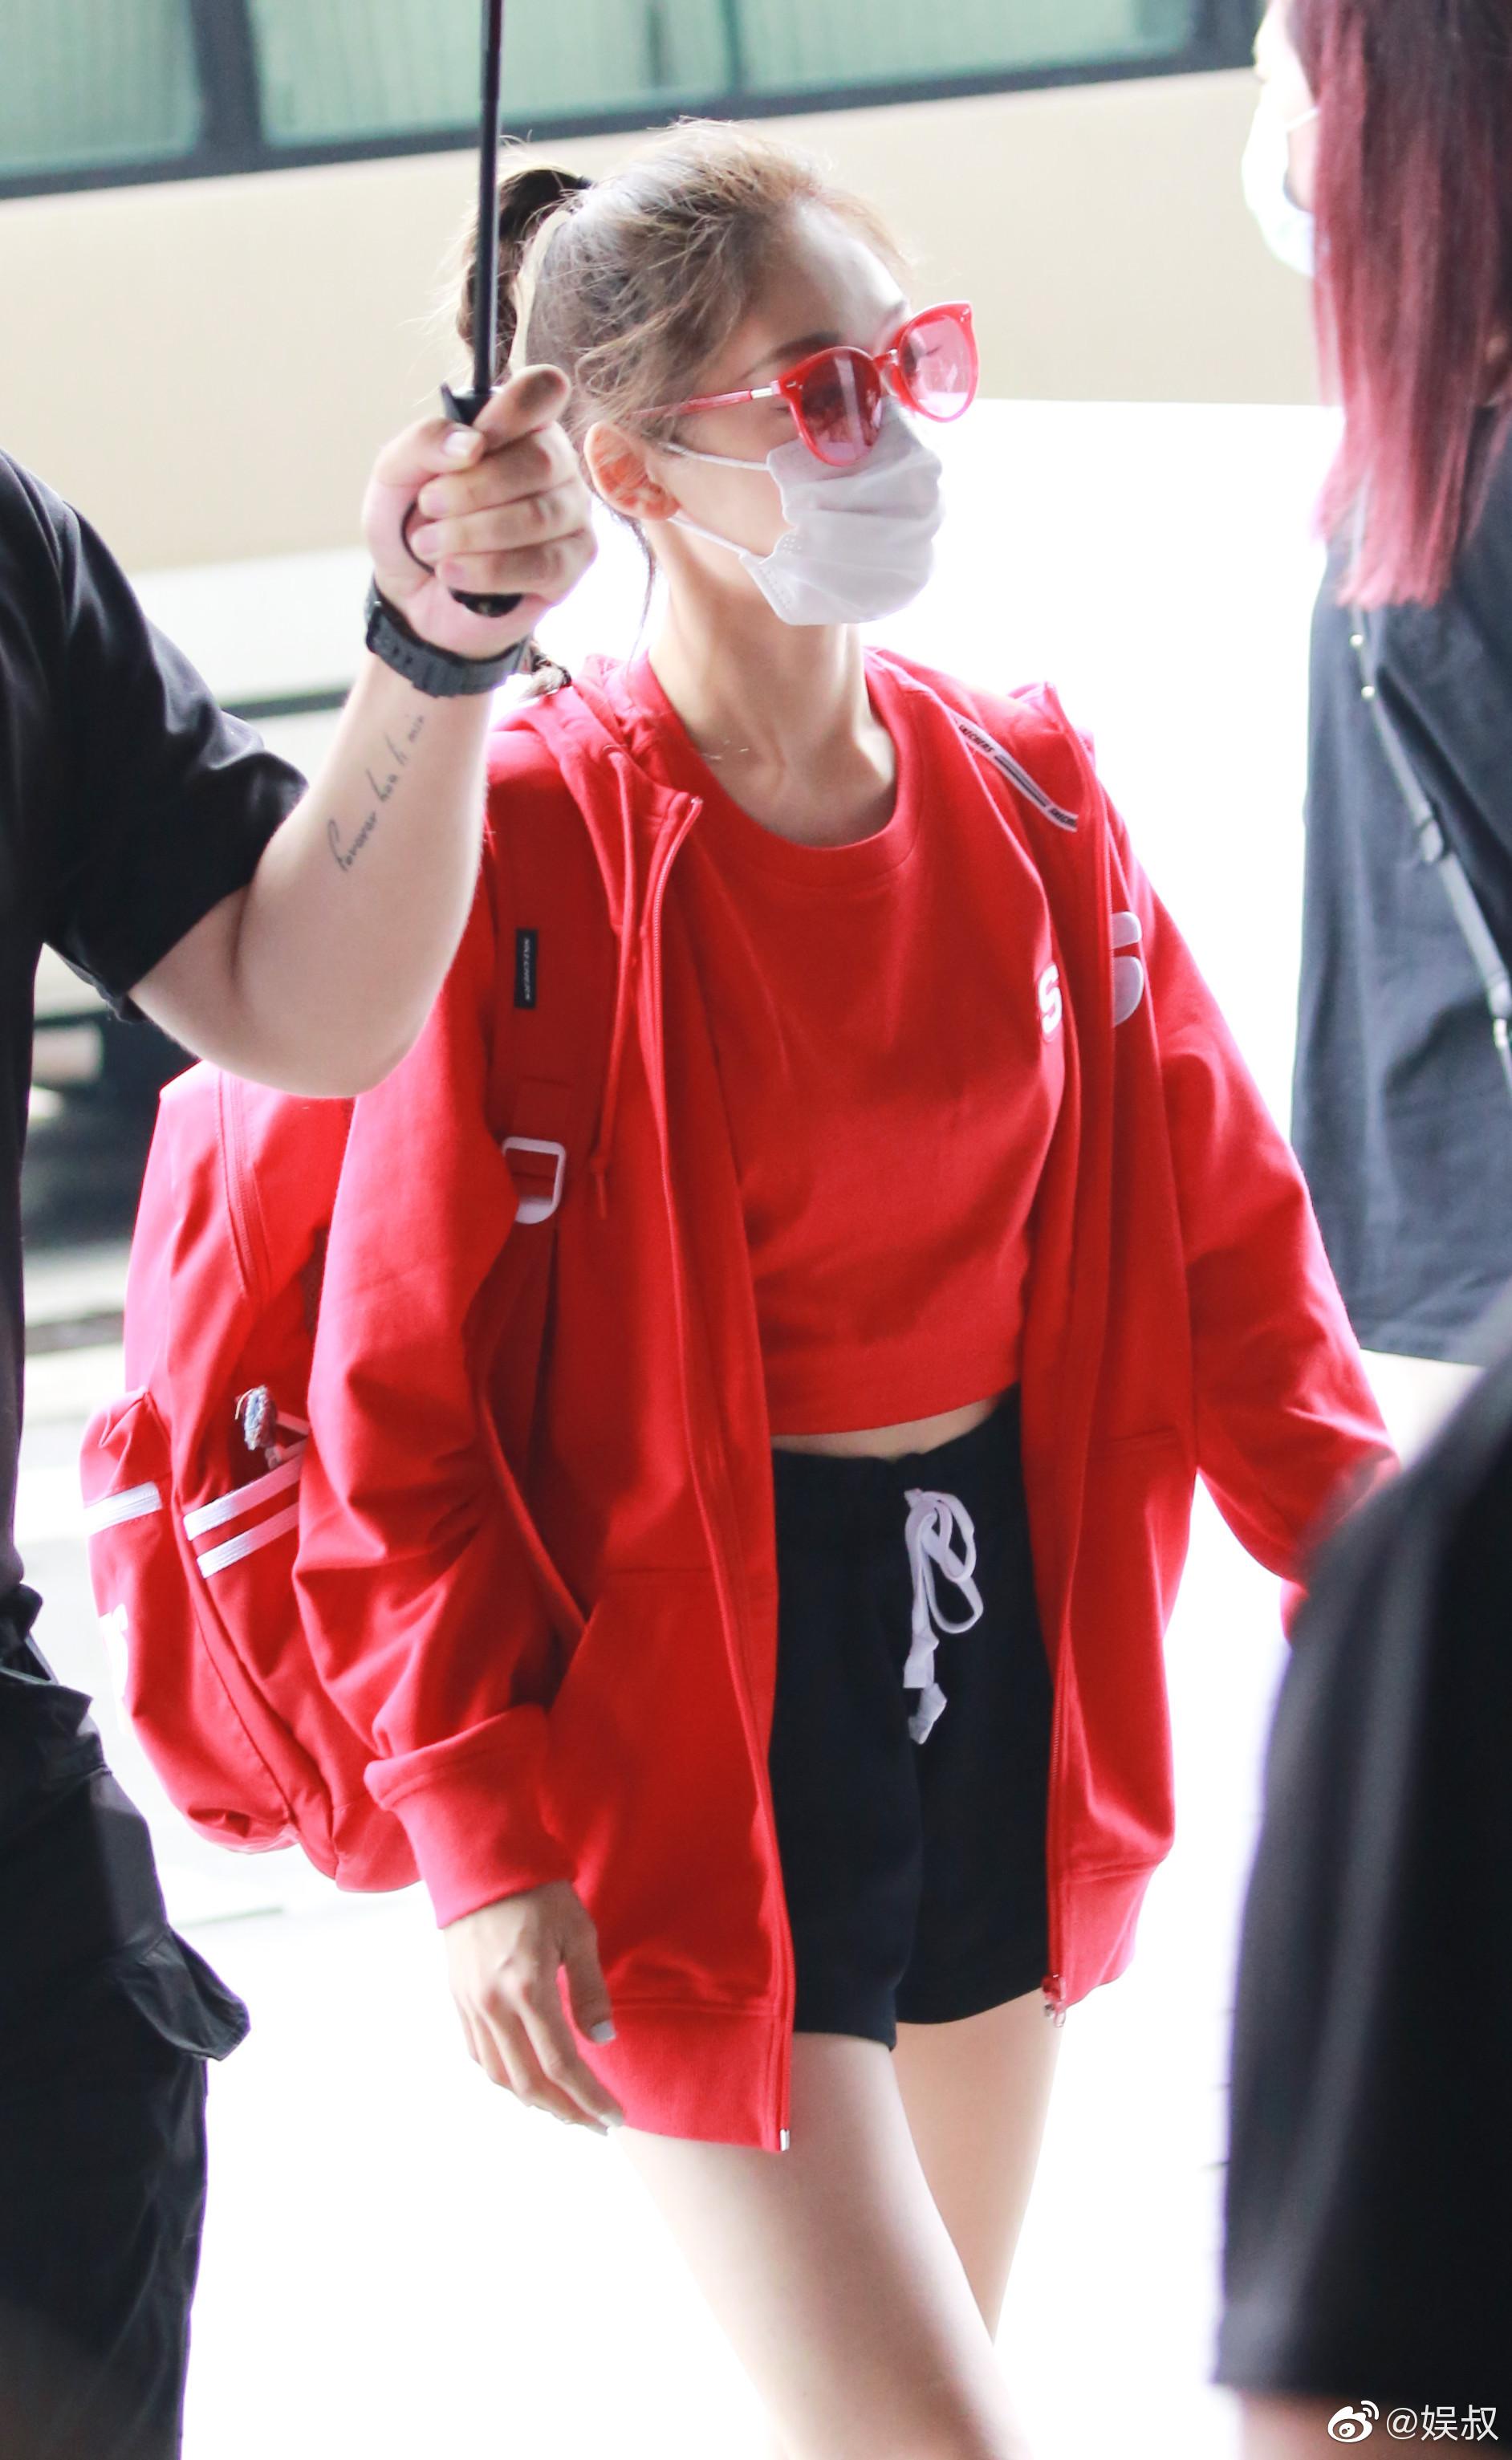 硬糖少女303开工第一天路透图来啦!身着红色运动服